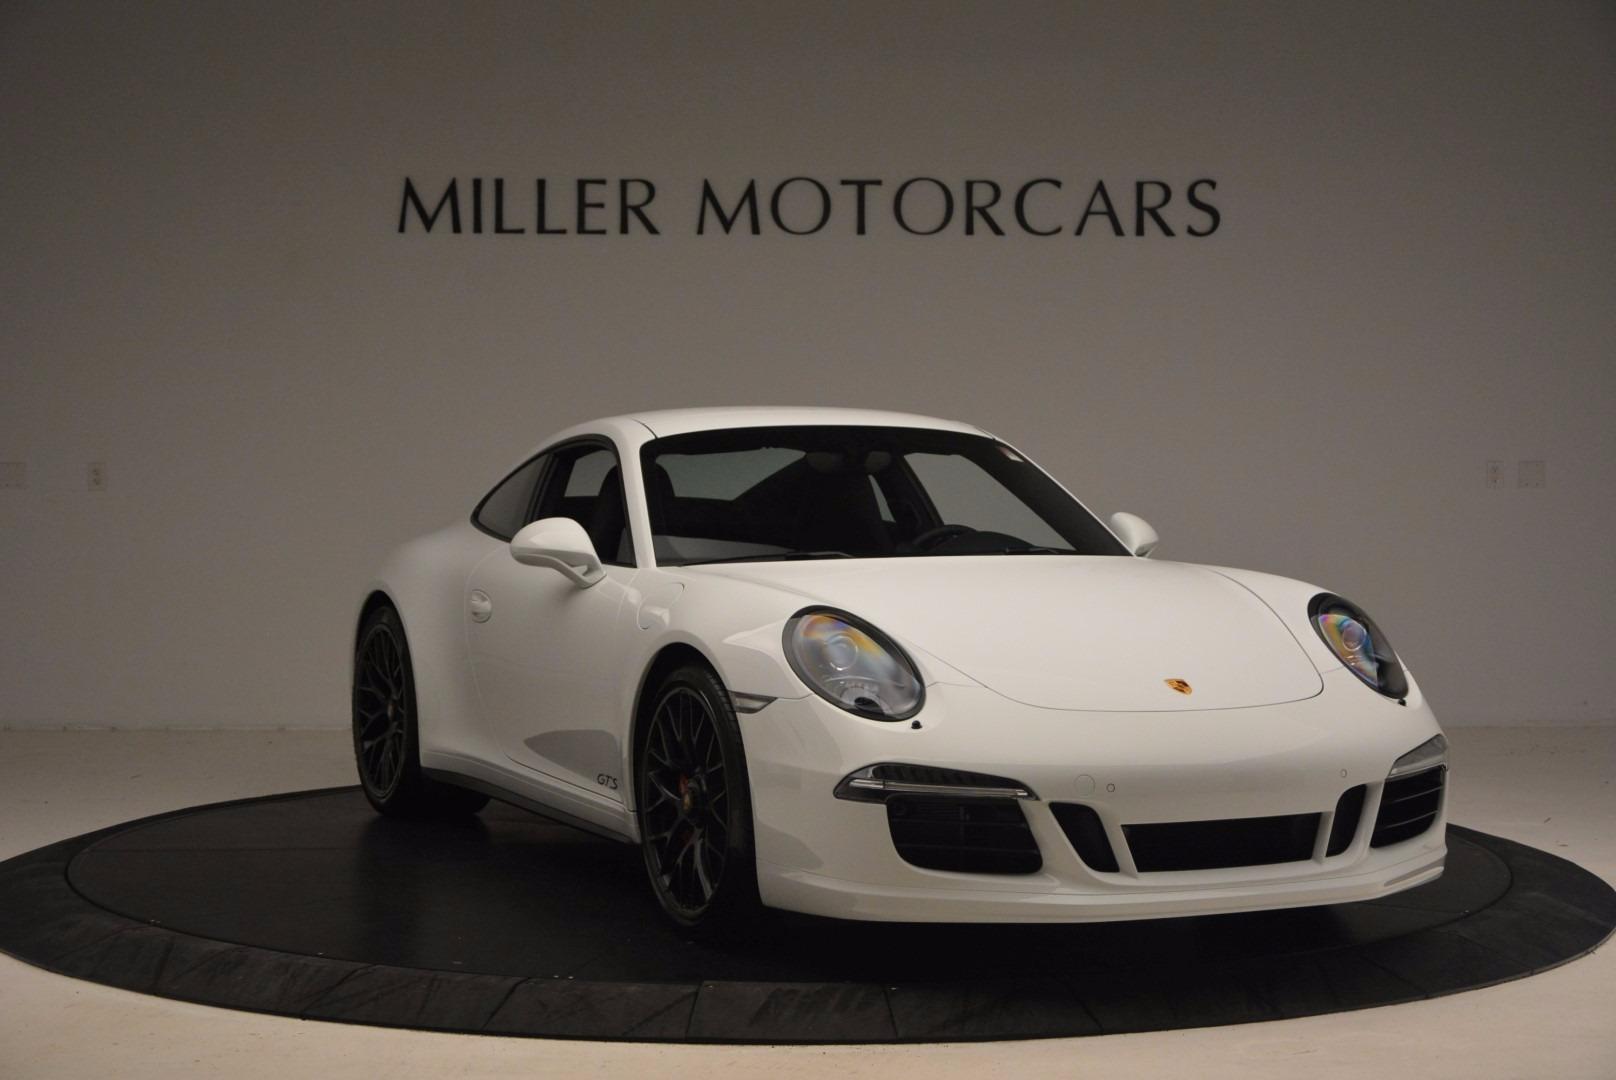 Used 2015 Porsche 911 Carrera GTS For Sale In Westport, CT 1444_p12